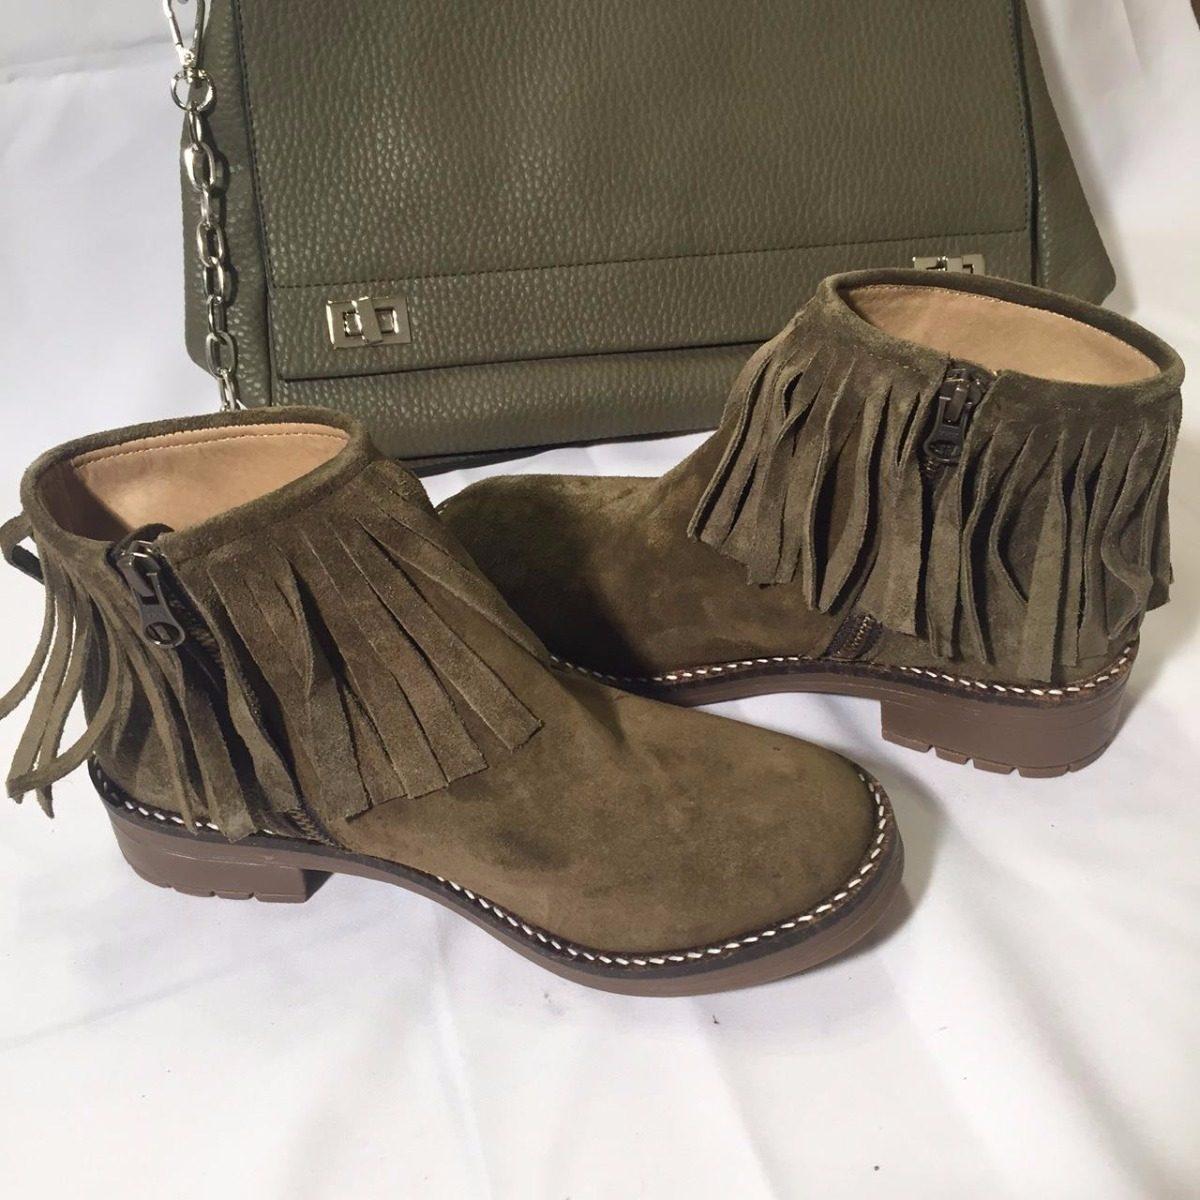 5b00b16c287 botas caña baja flecos verde militar cuero descarne mujer. Cargando zoom.